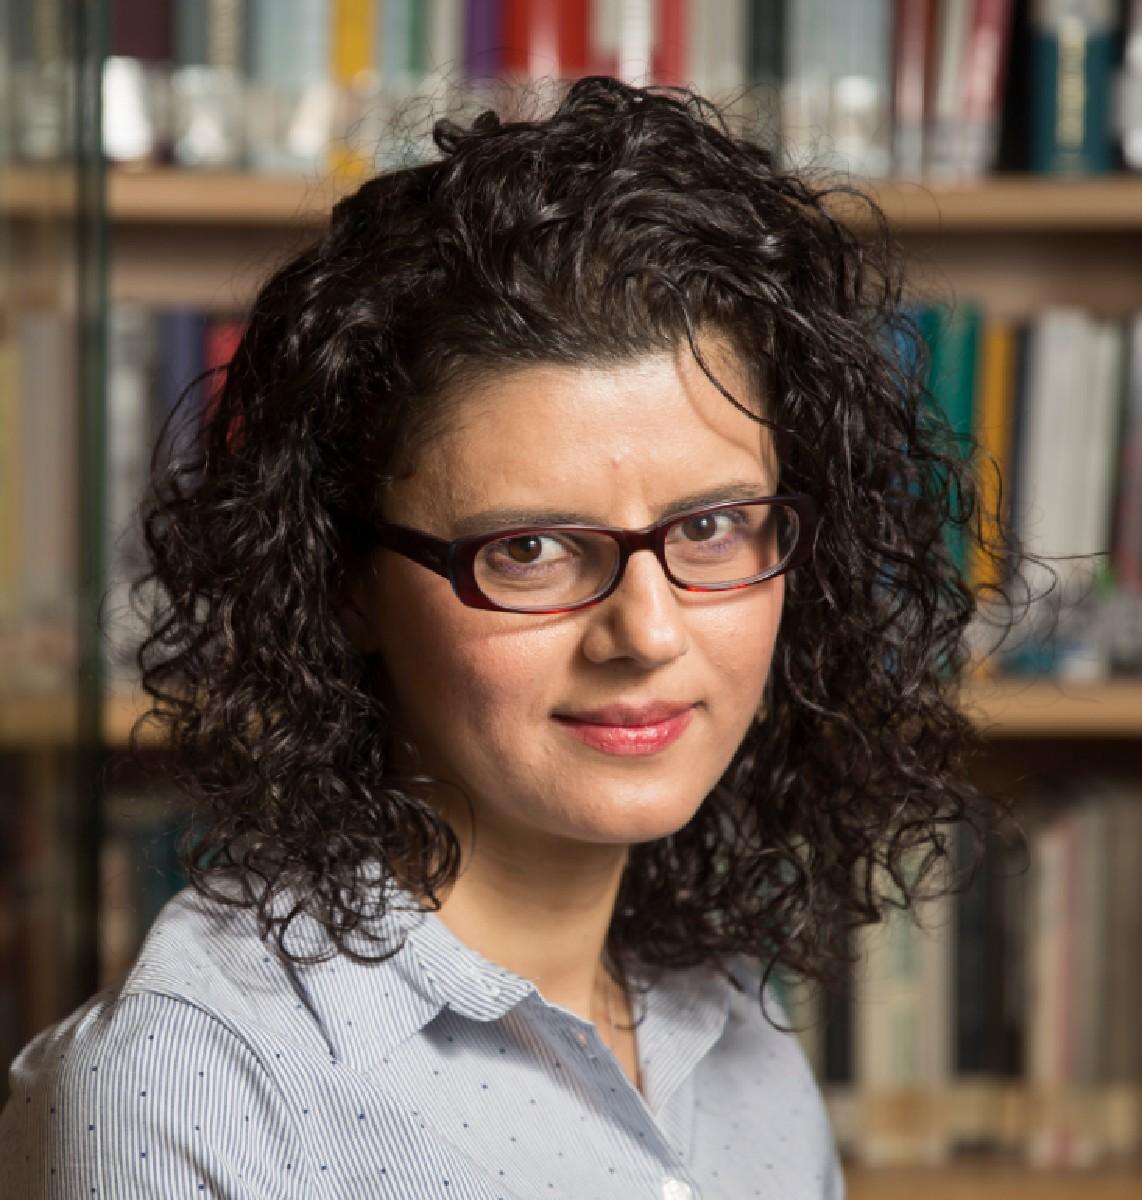 Nasreen Haddah Haj-Yahya